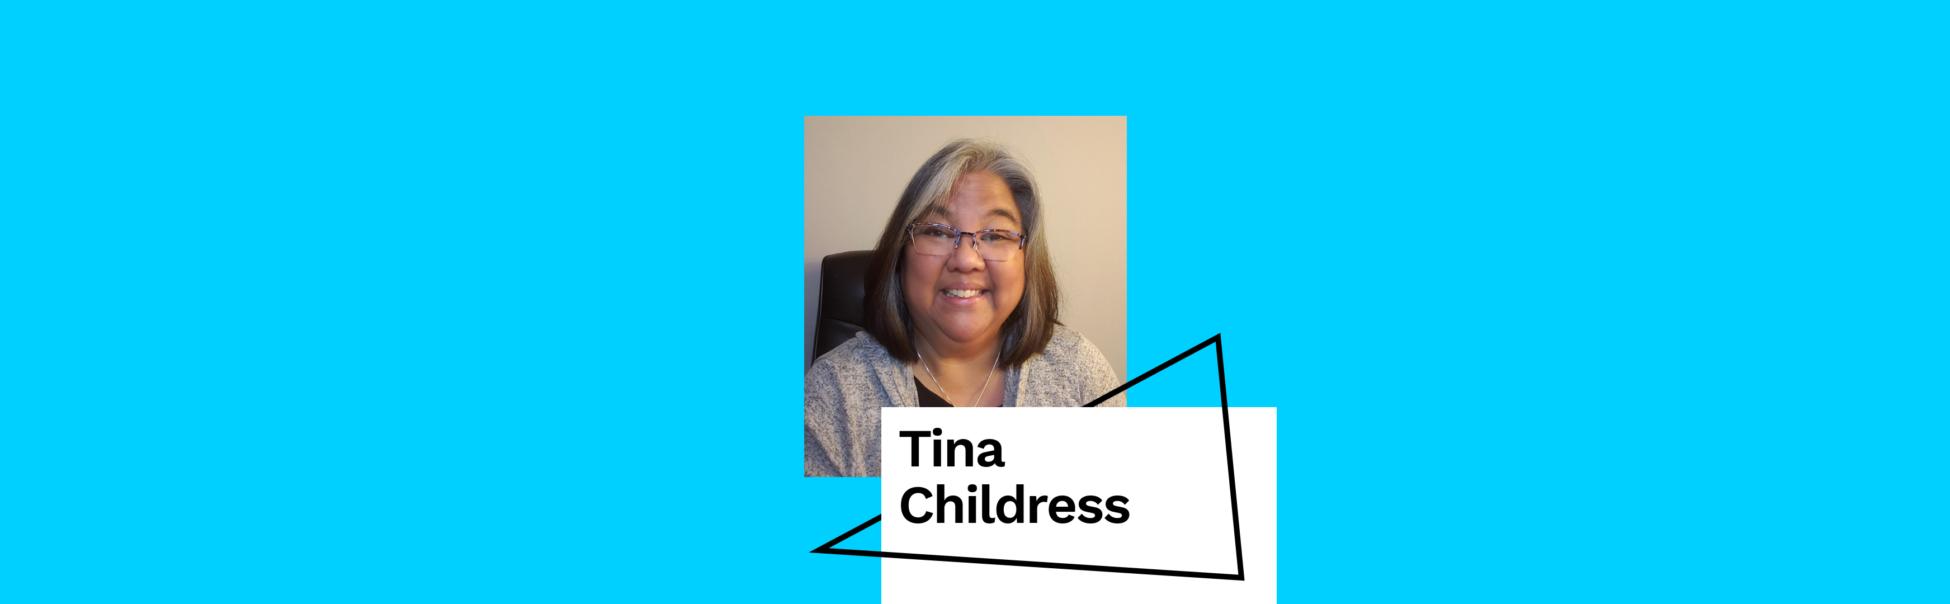 Tina Childress